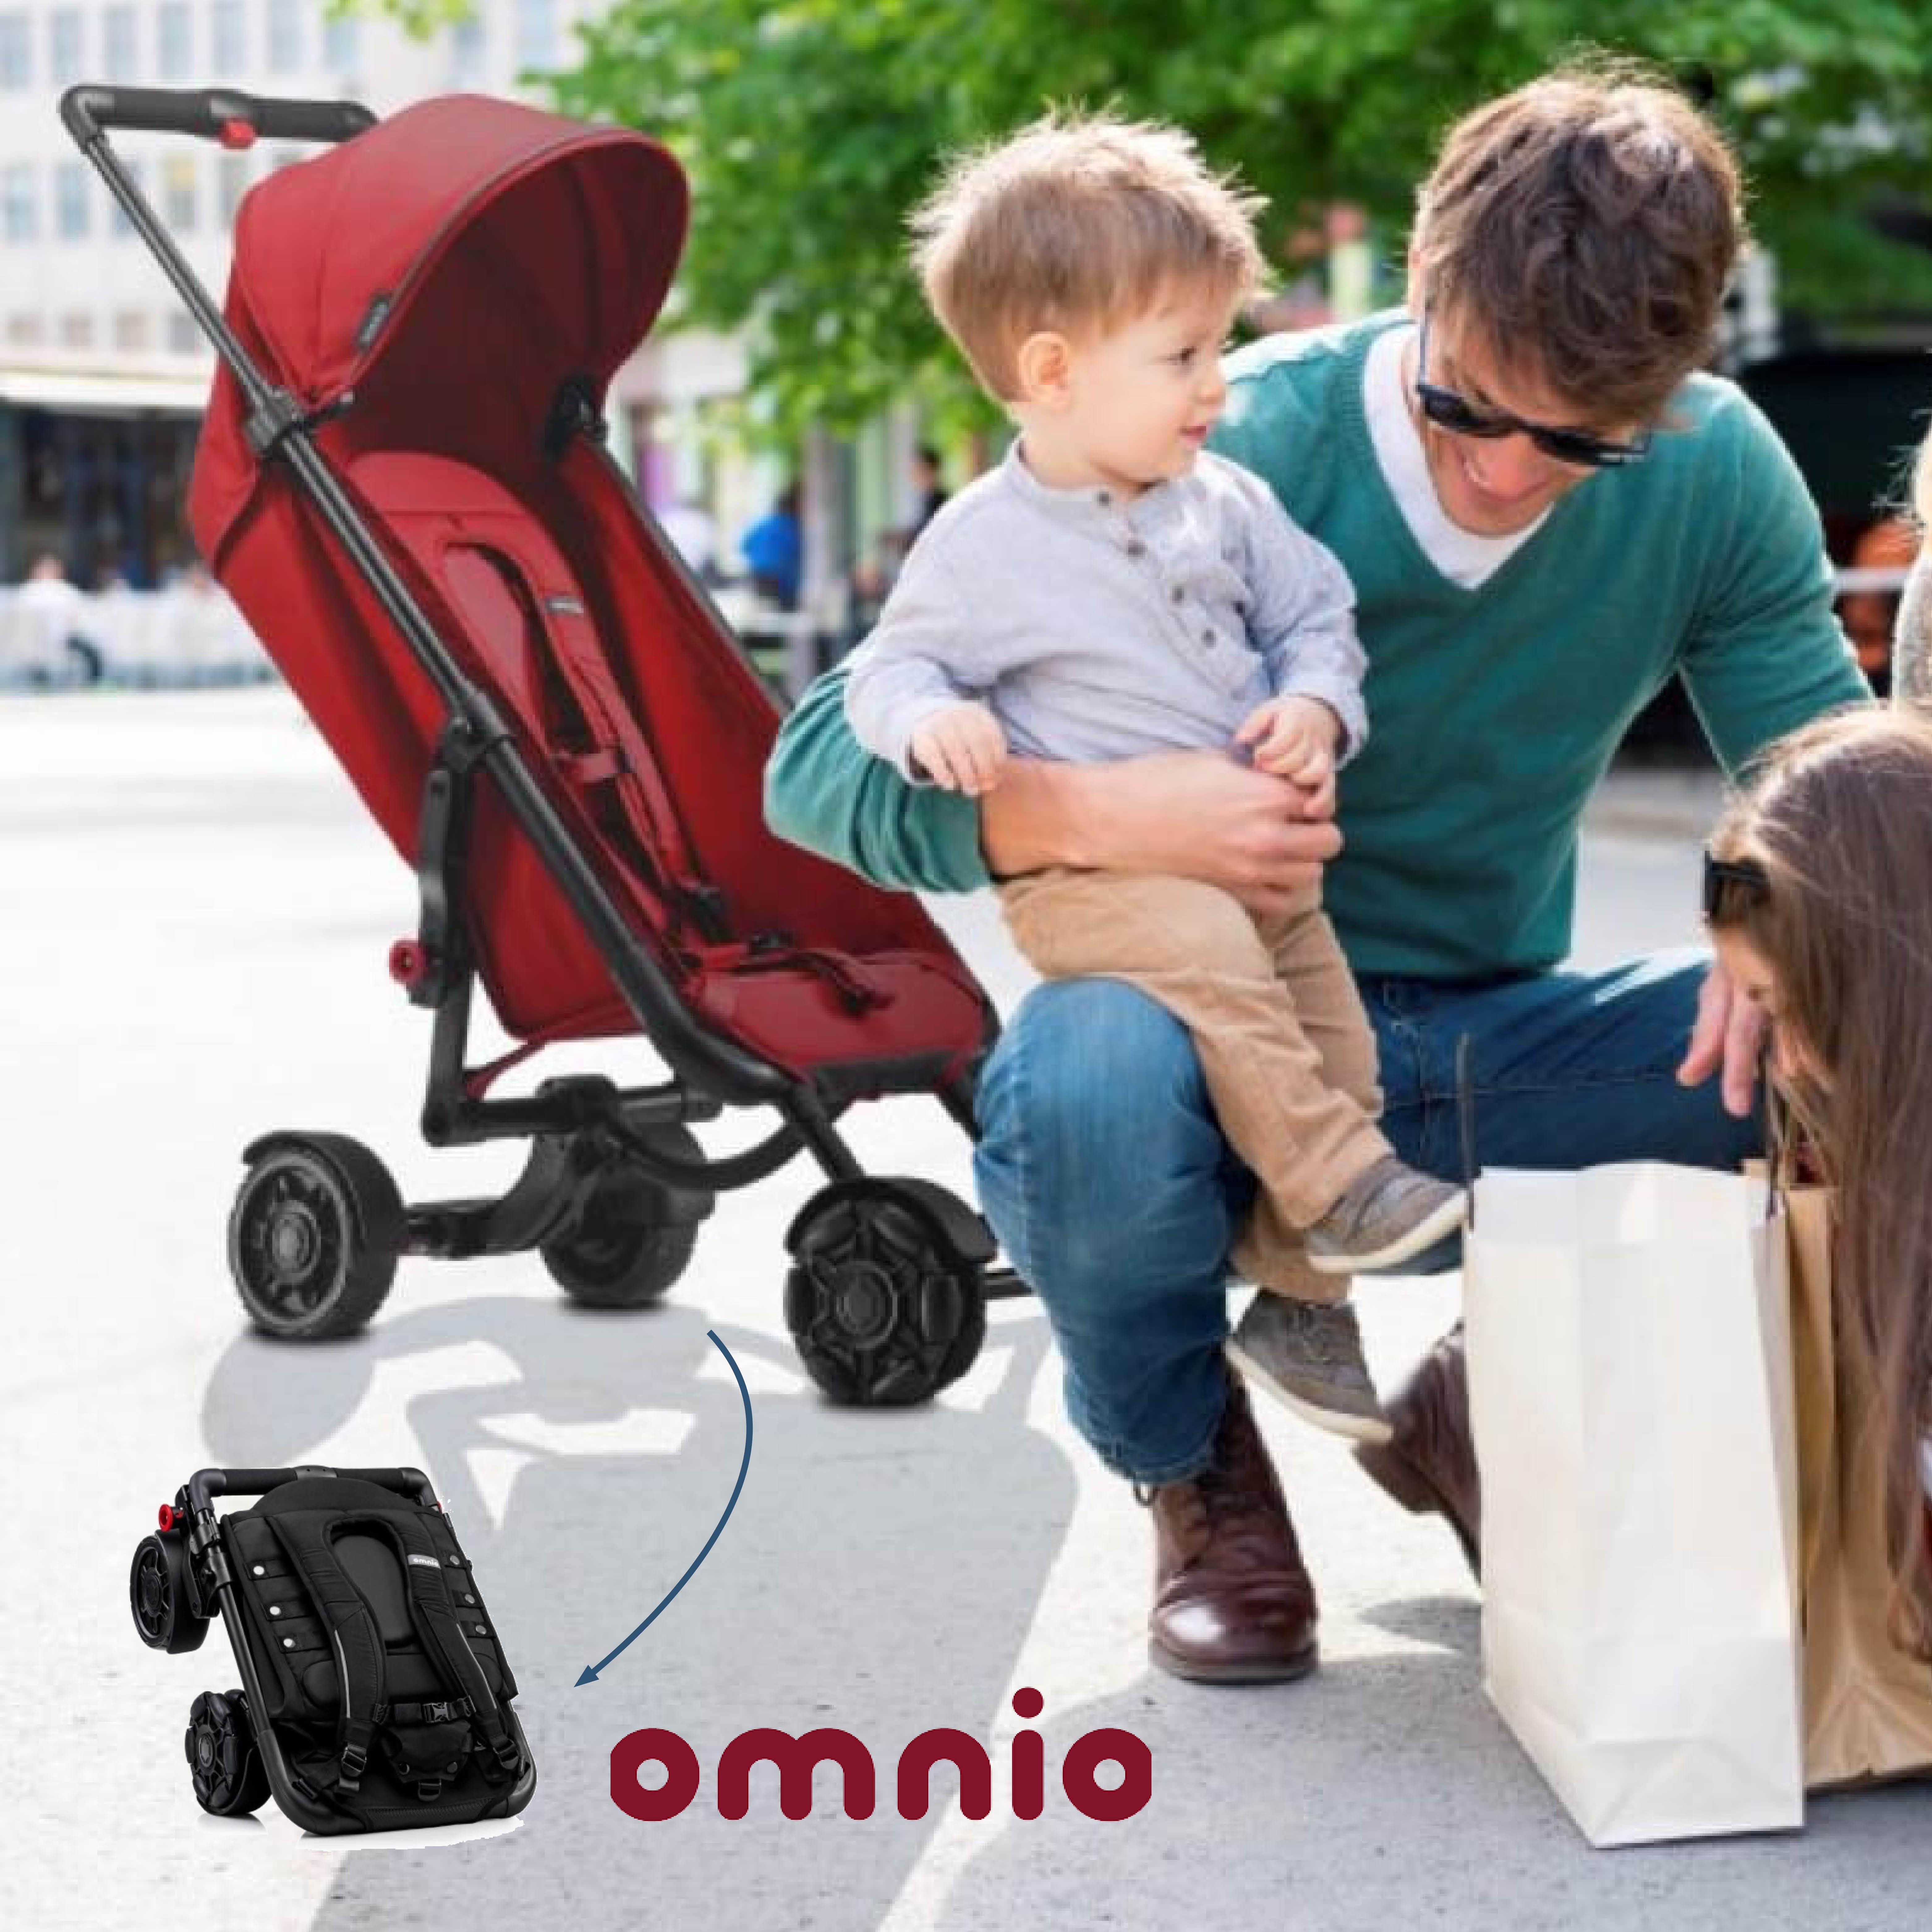 Omnio Stroller: Veelzijdig comfort voor zowel kind als ouder!